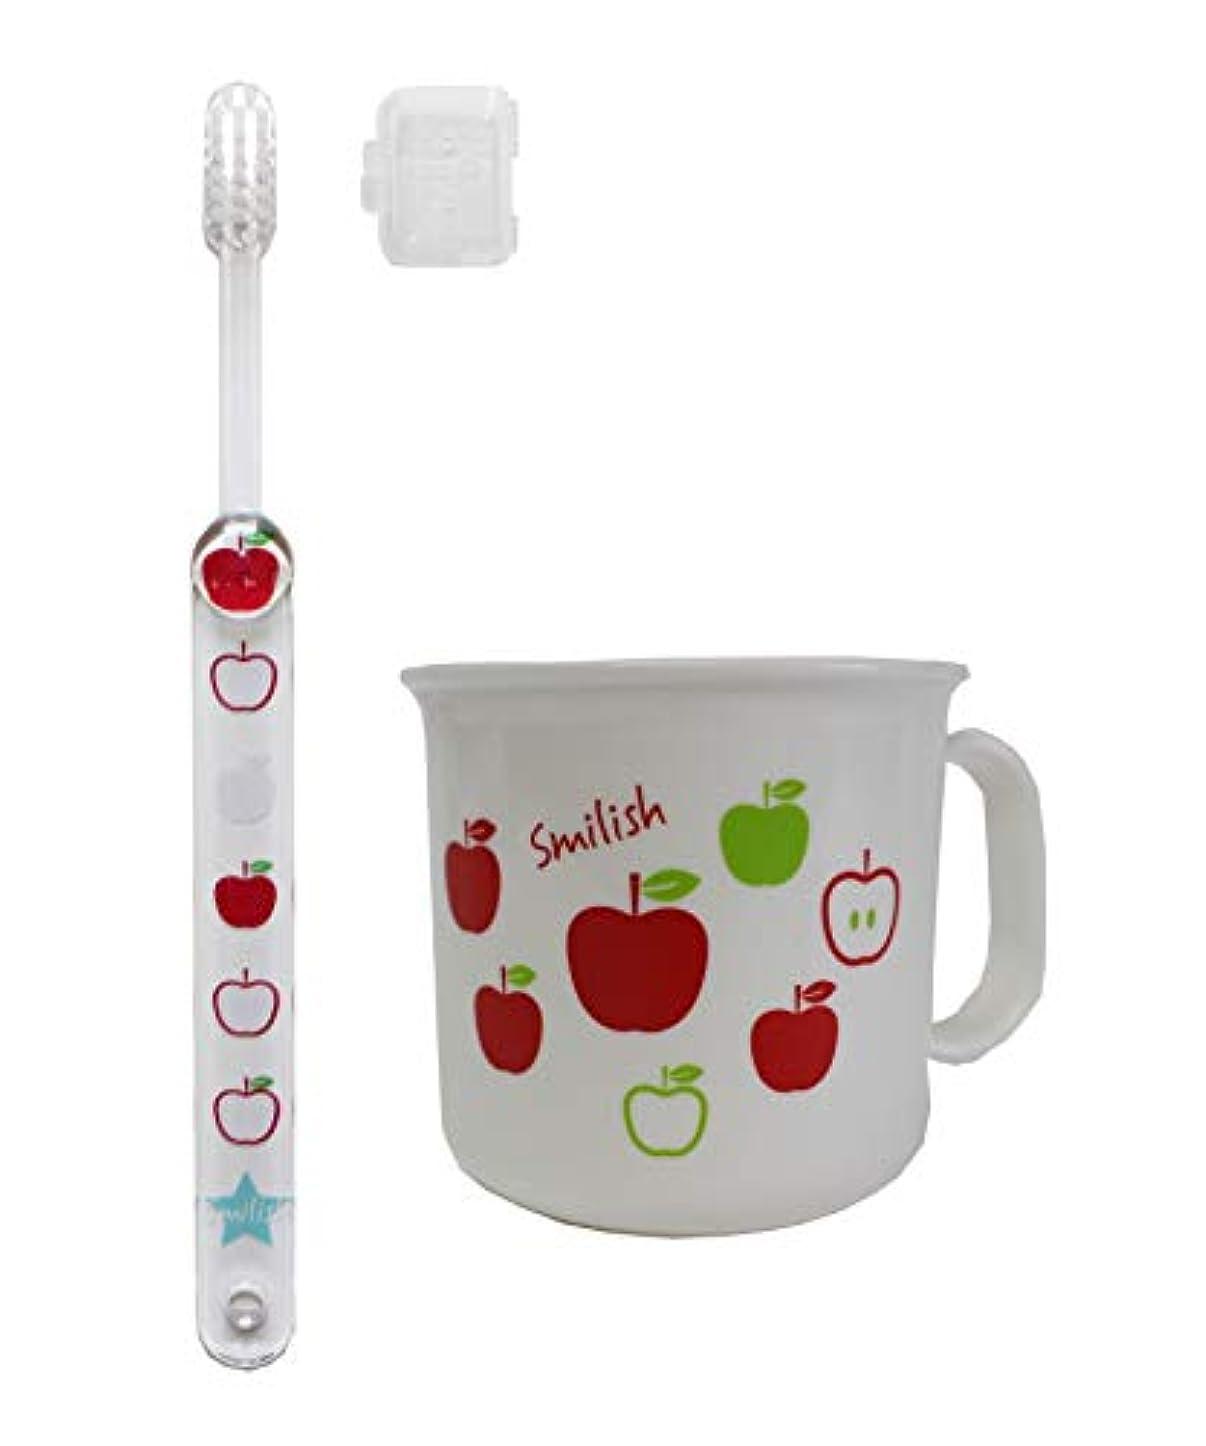 痛みケージ在庫子ども歯ブラシ(キャップ付き) 耐熱コップセット アップル